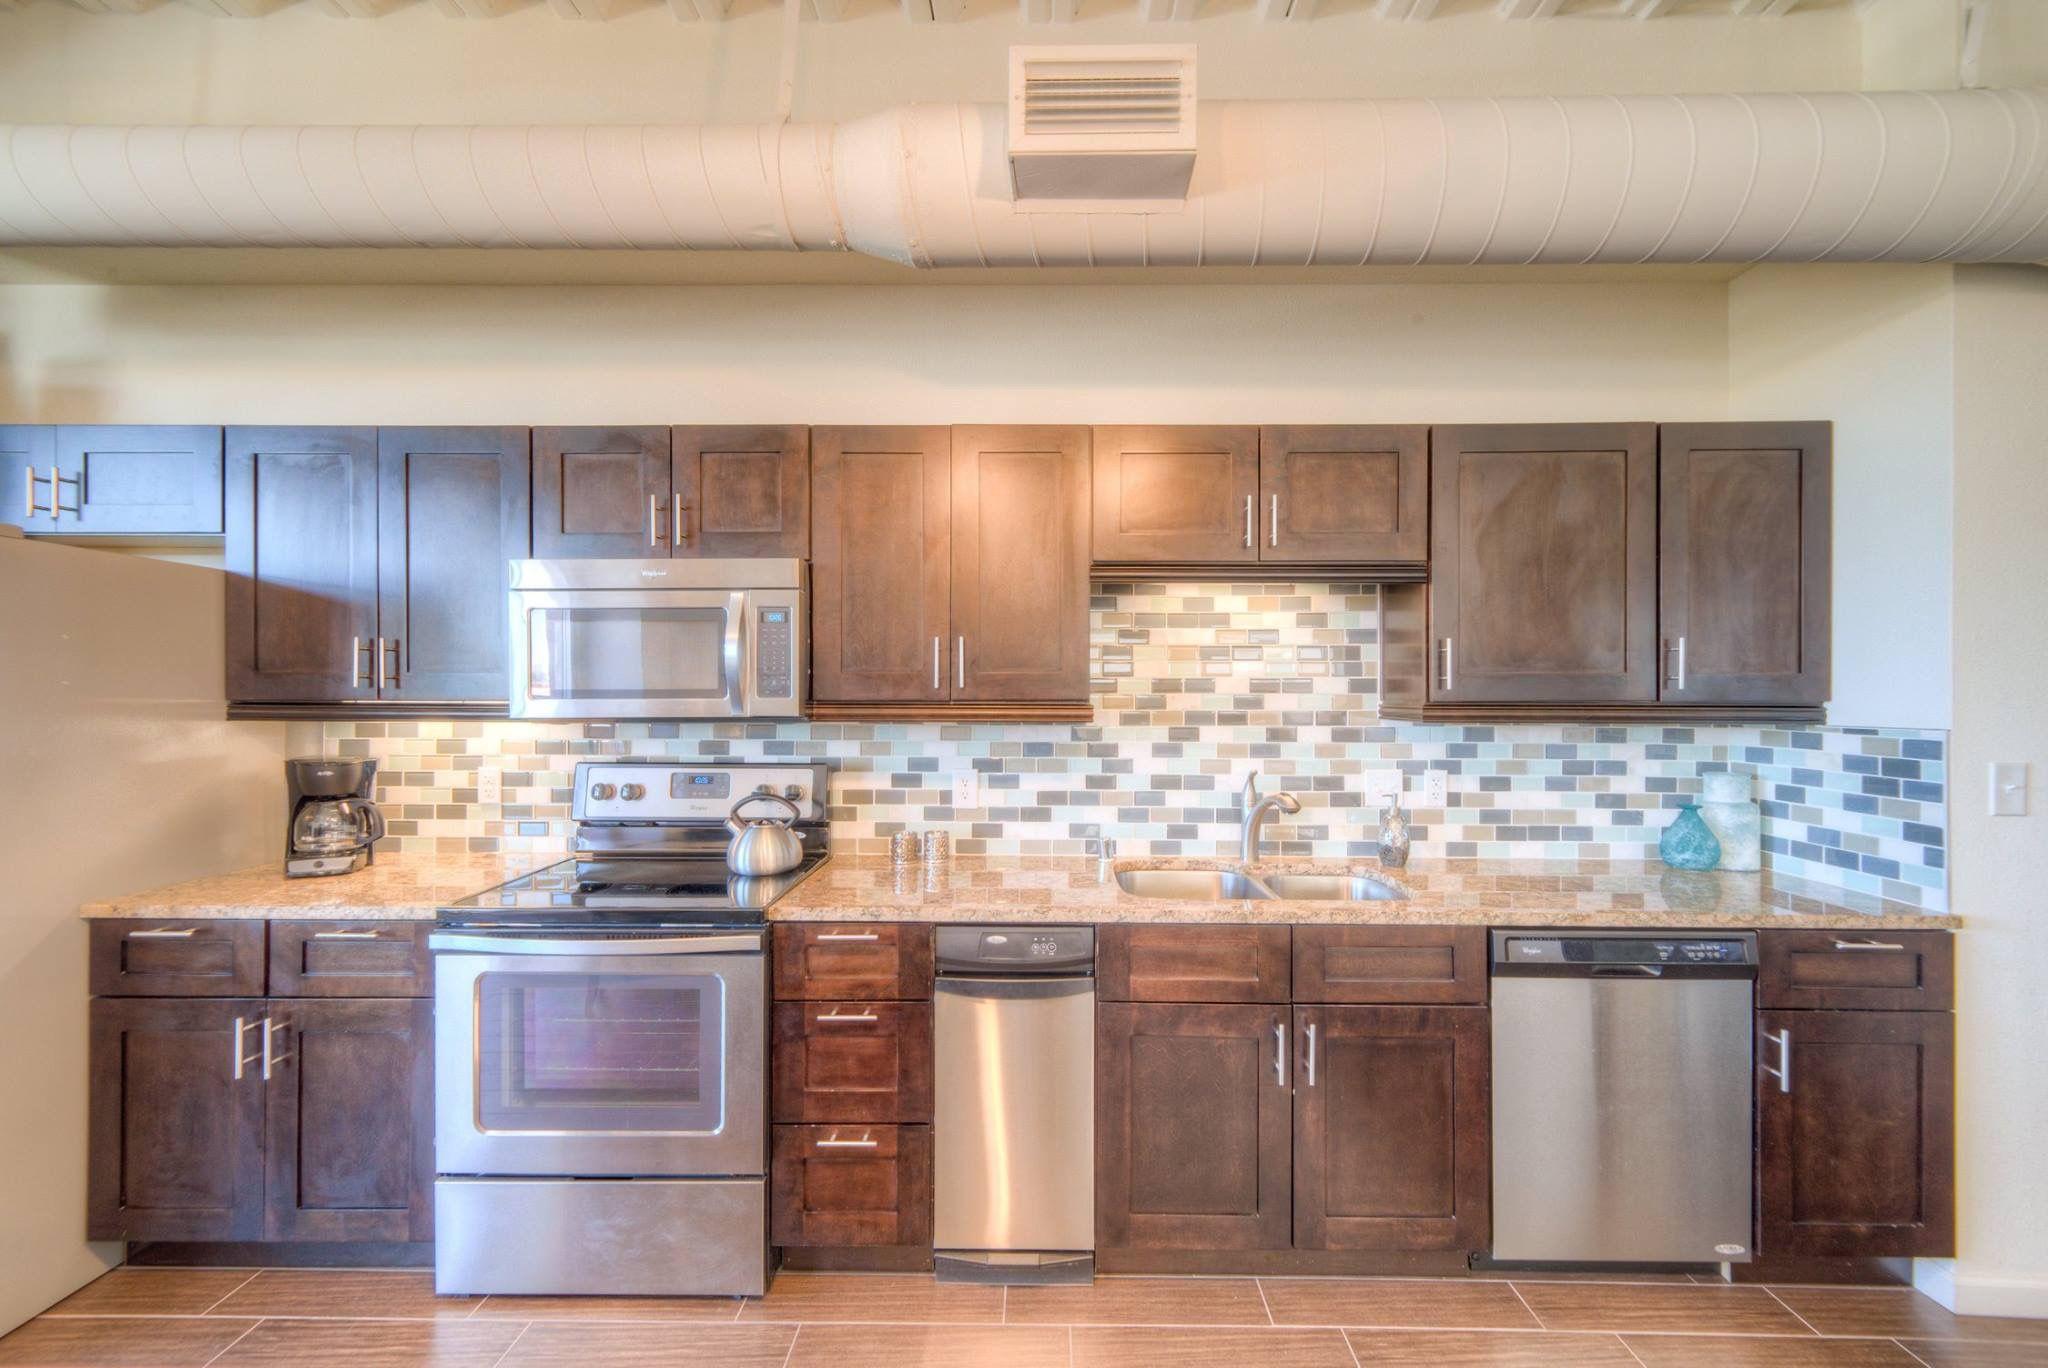 Condo In Albuquerque Nm Home Decor Kitchen Kitchen Cabinets